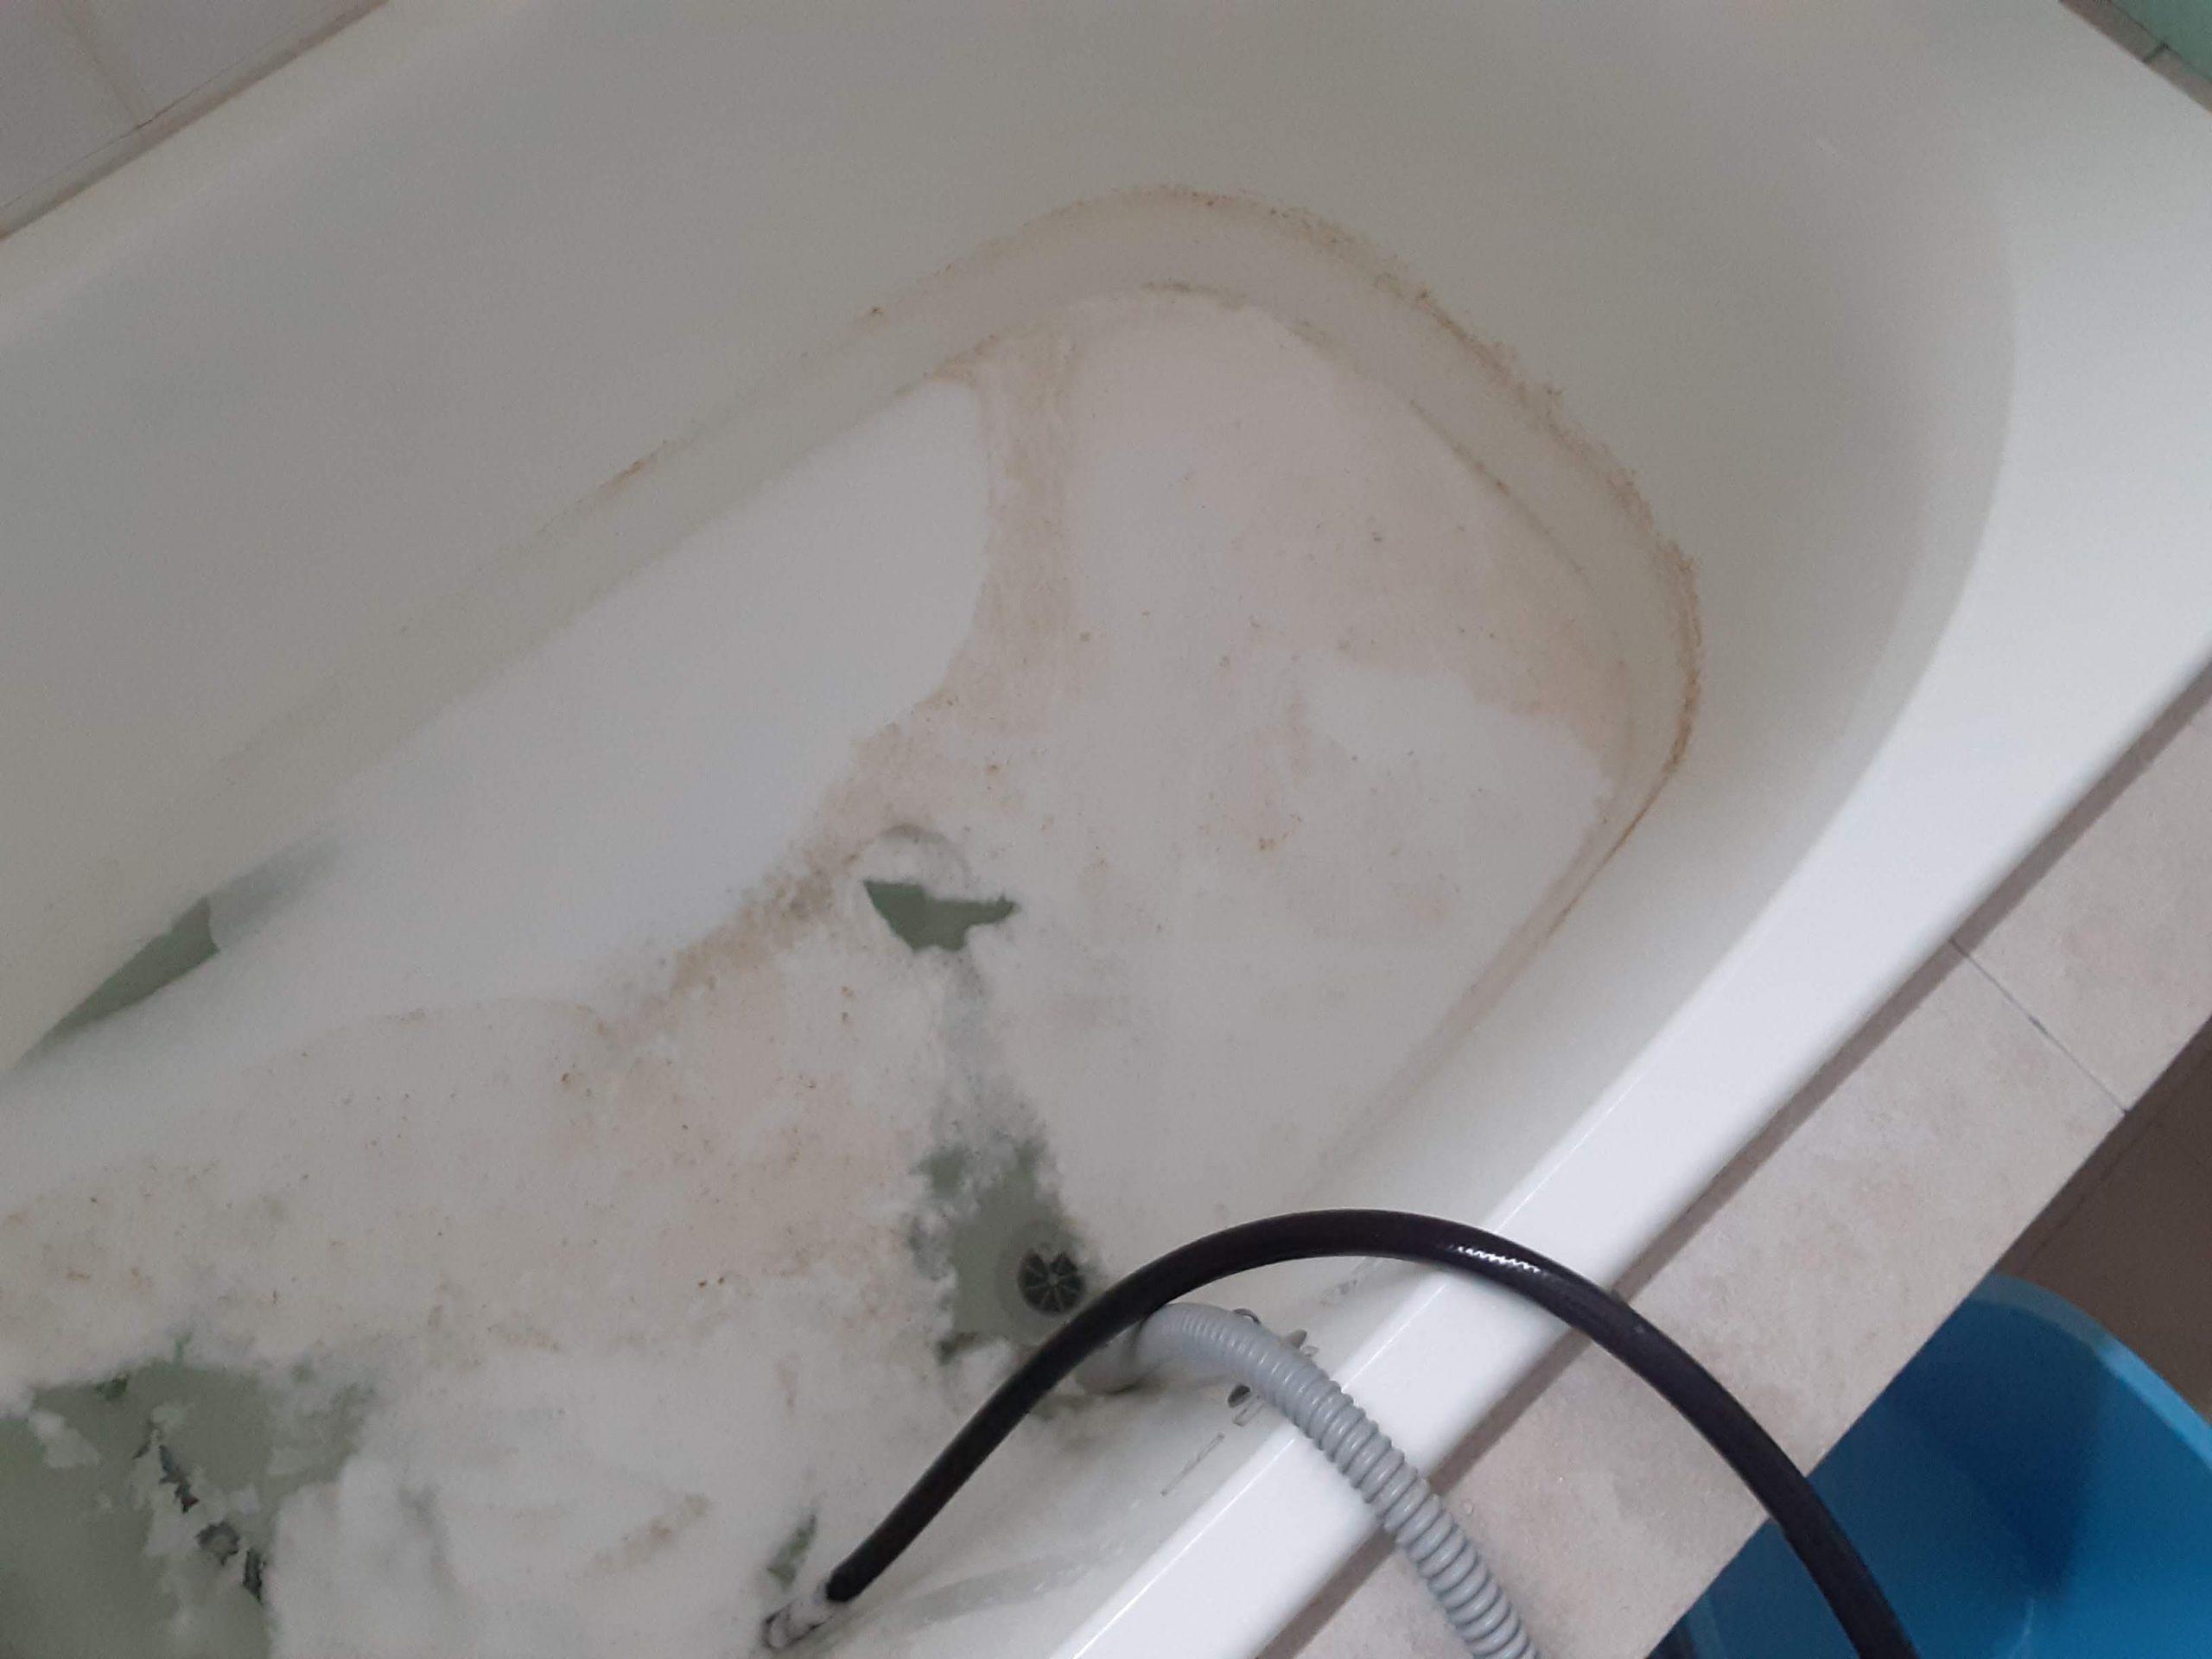 いい部屋おそうじPROの追い焚き配管クリーニング(風呂釜洗浄)